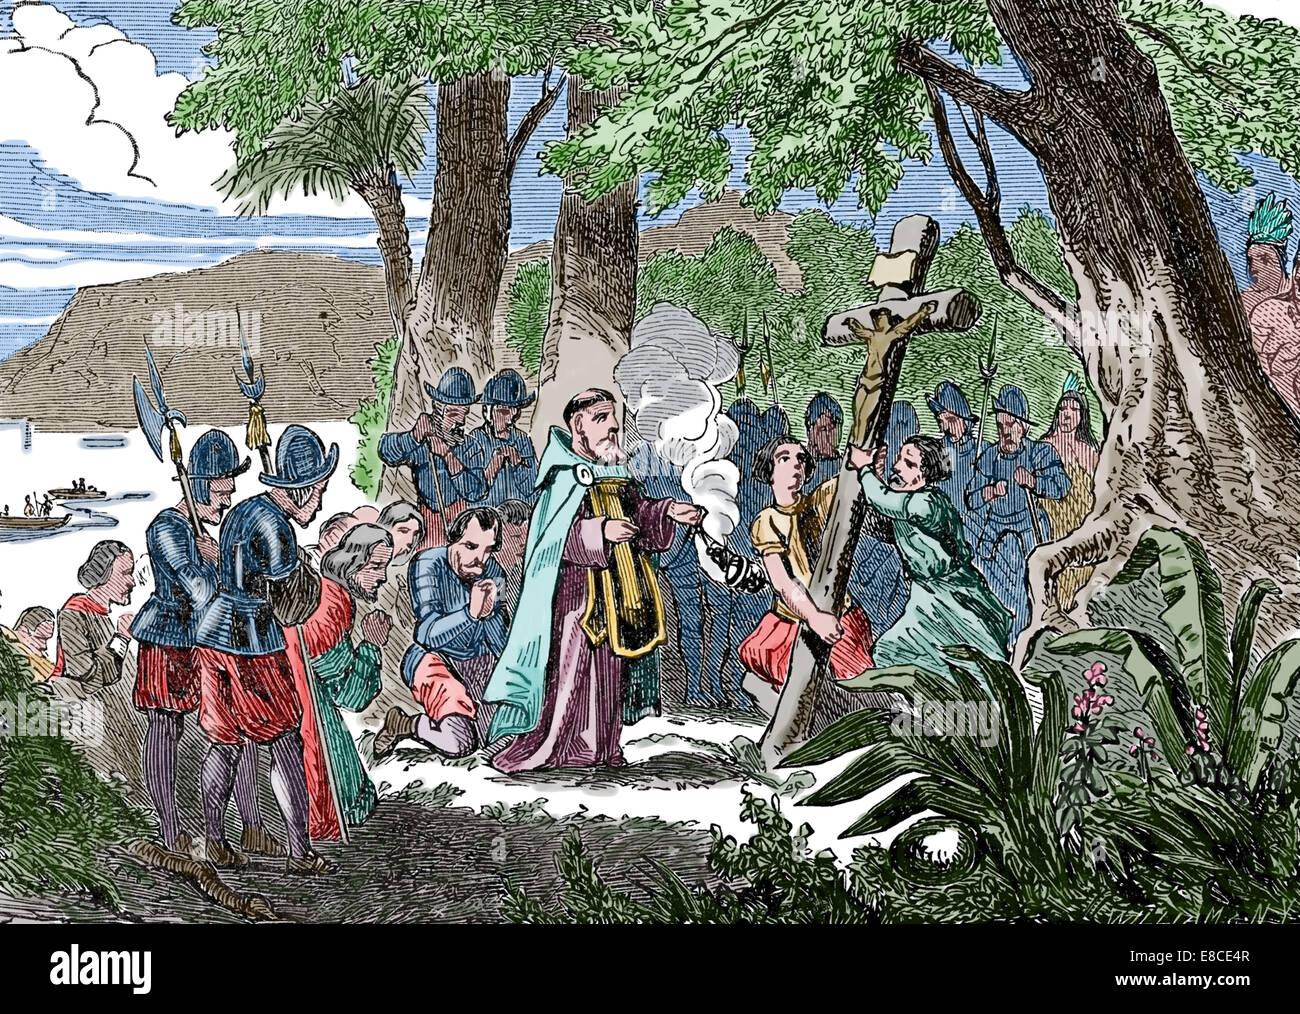 Entdeckung Amerikas. Die Anhebung des christlichen Kreuz nach der Entdeckung der neuen Welt. 16. Jahrhundert. Stockbild